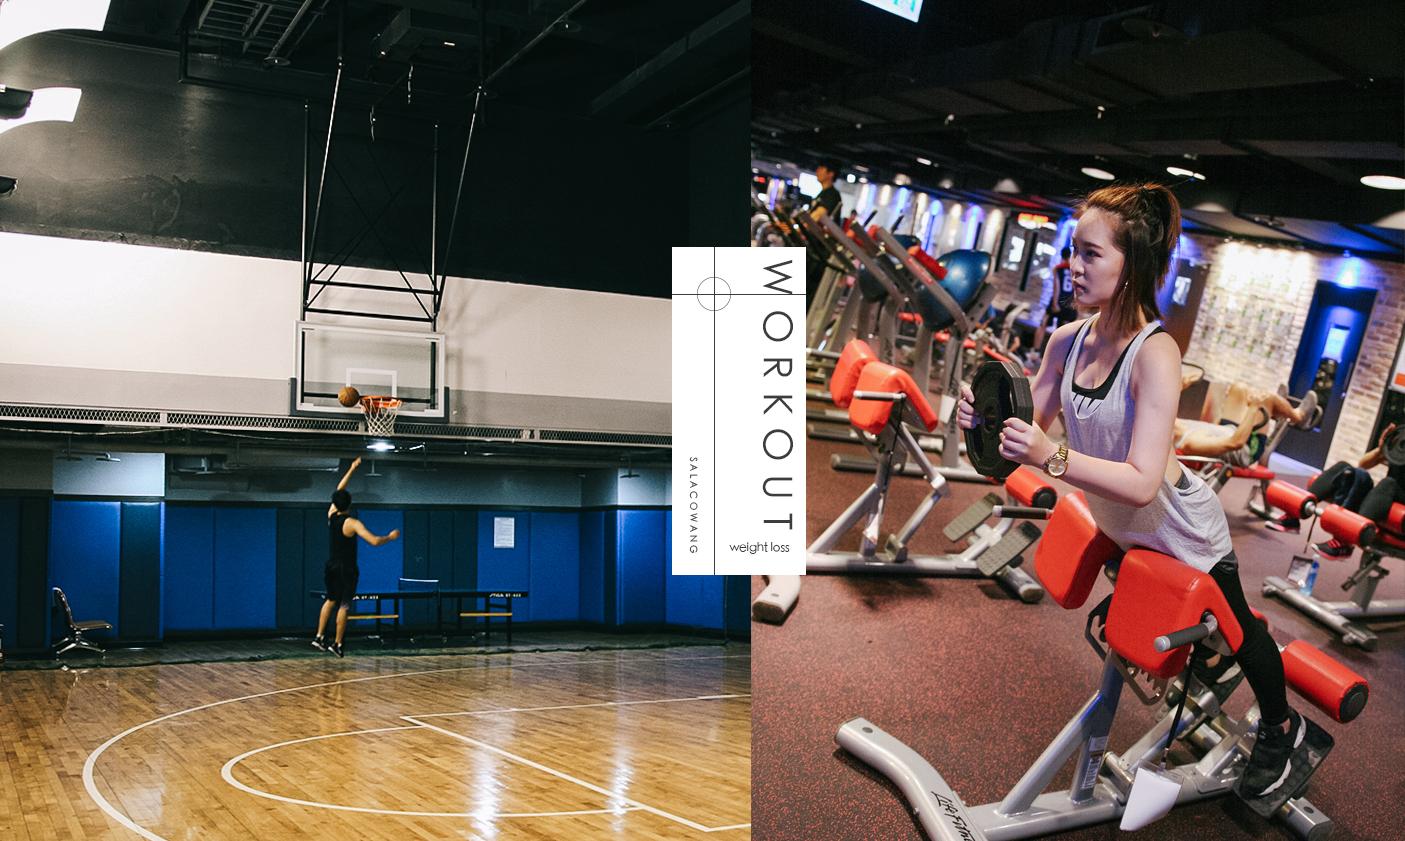 |生活| 中和 健身工廠 FITNESS FACTORY :給想加入健身房的你,不妨來這裡試試!交給專業健體顧問Puffy